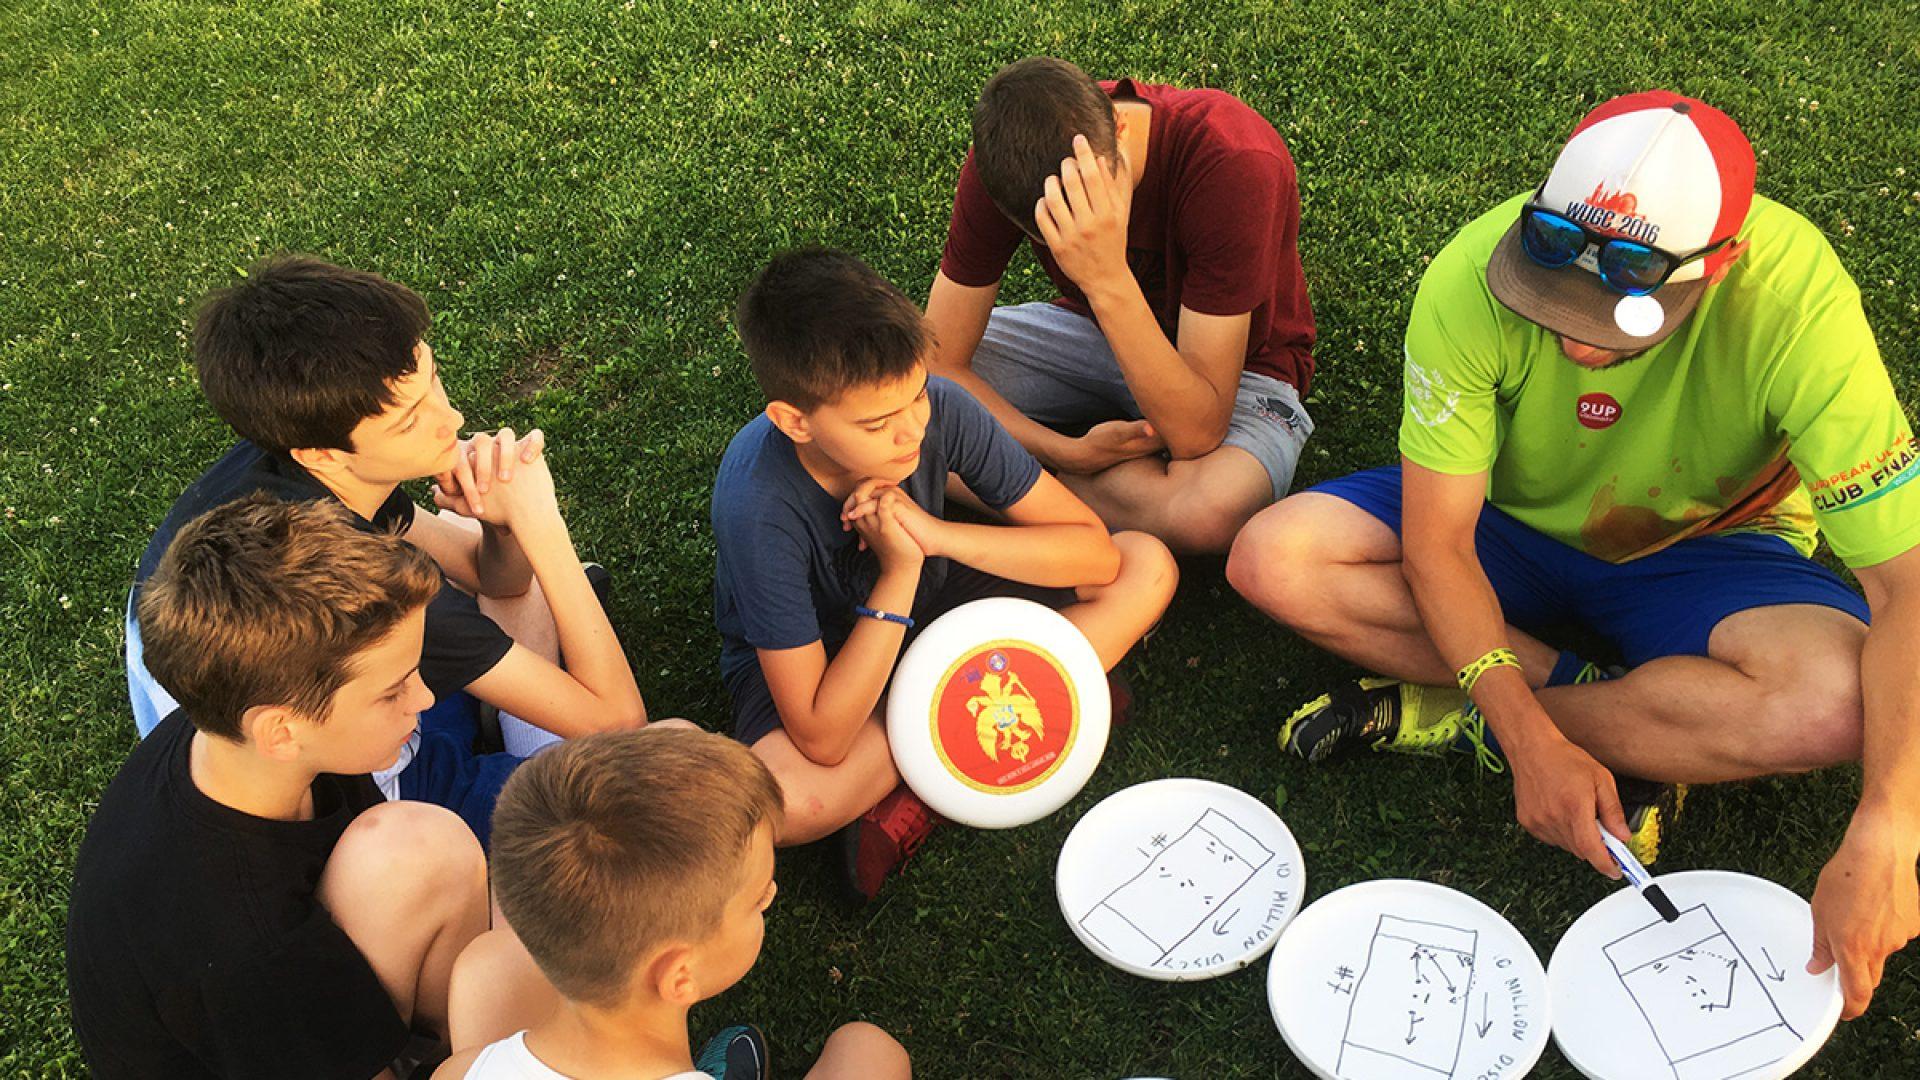 Akademia Ultimate Frisbee